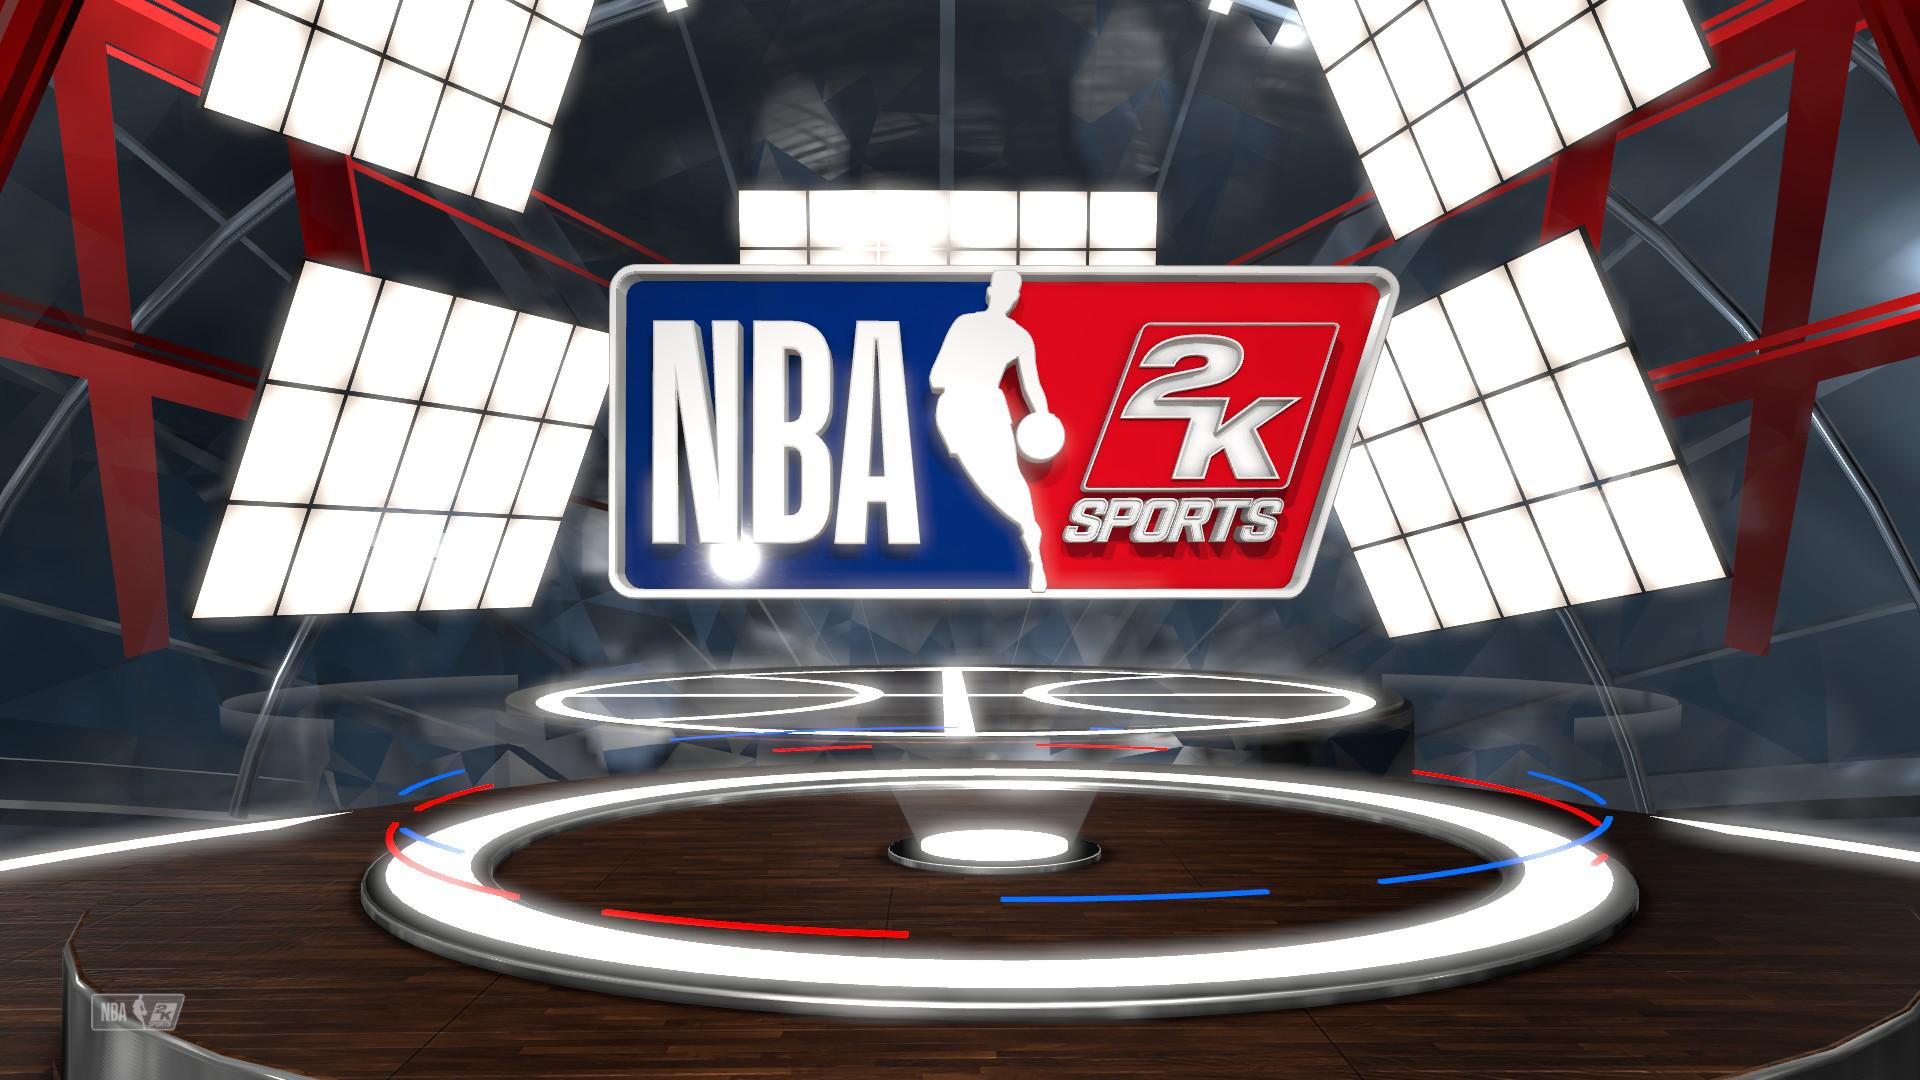 《NBA 2K19》现已全球上市 近20年来开发和创新的最高水准